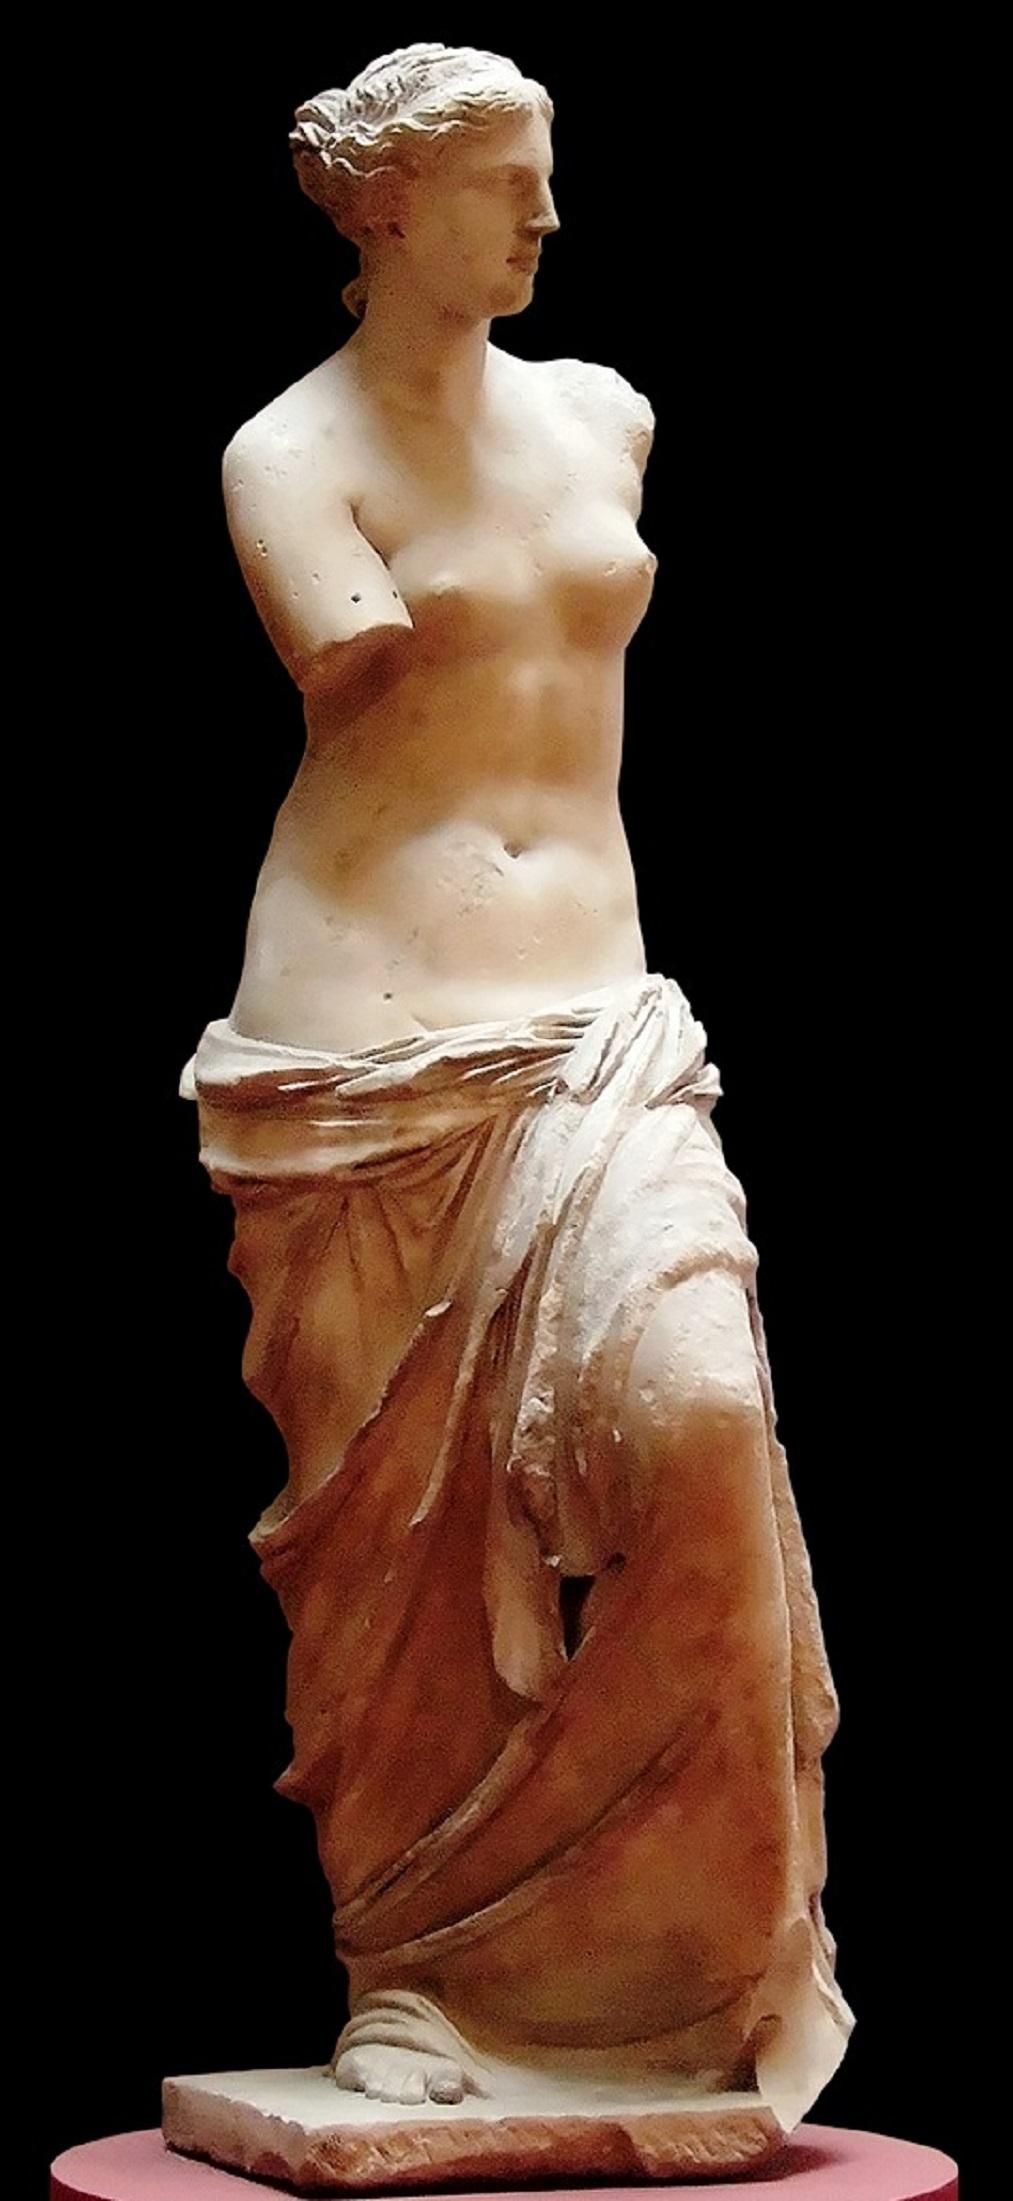 classical greek sculpture essay